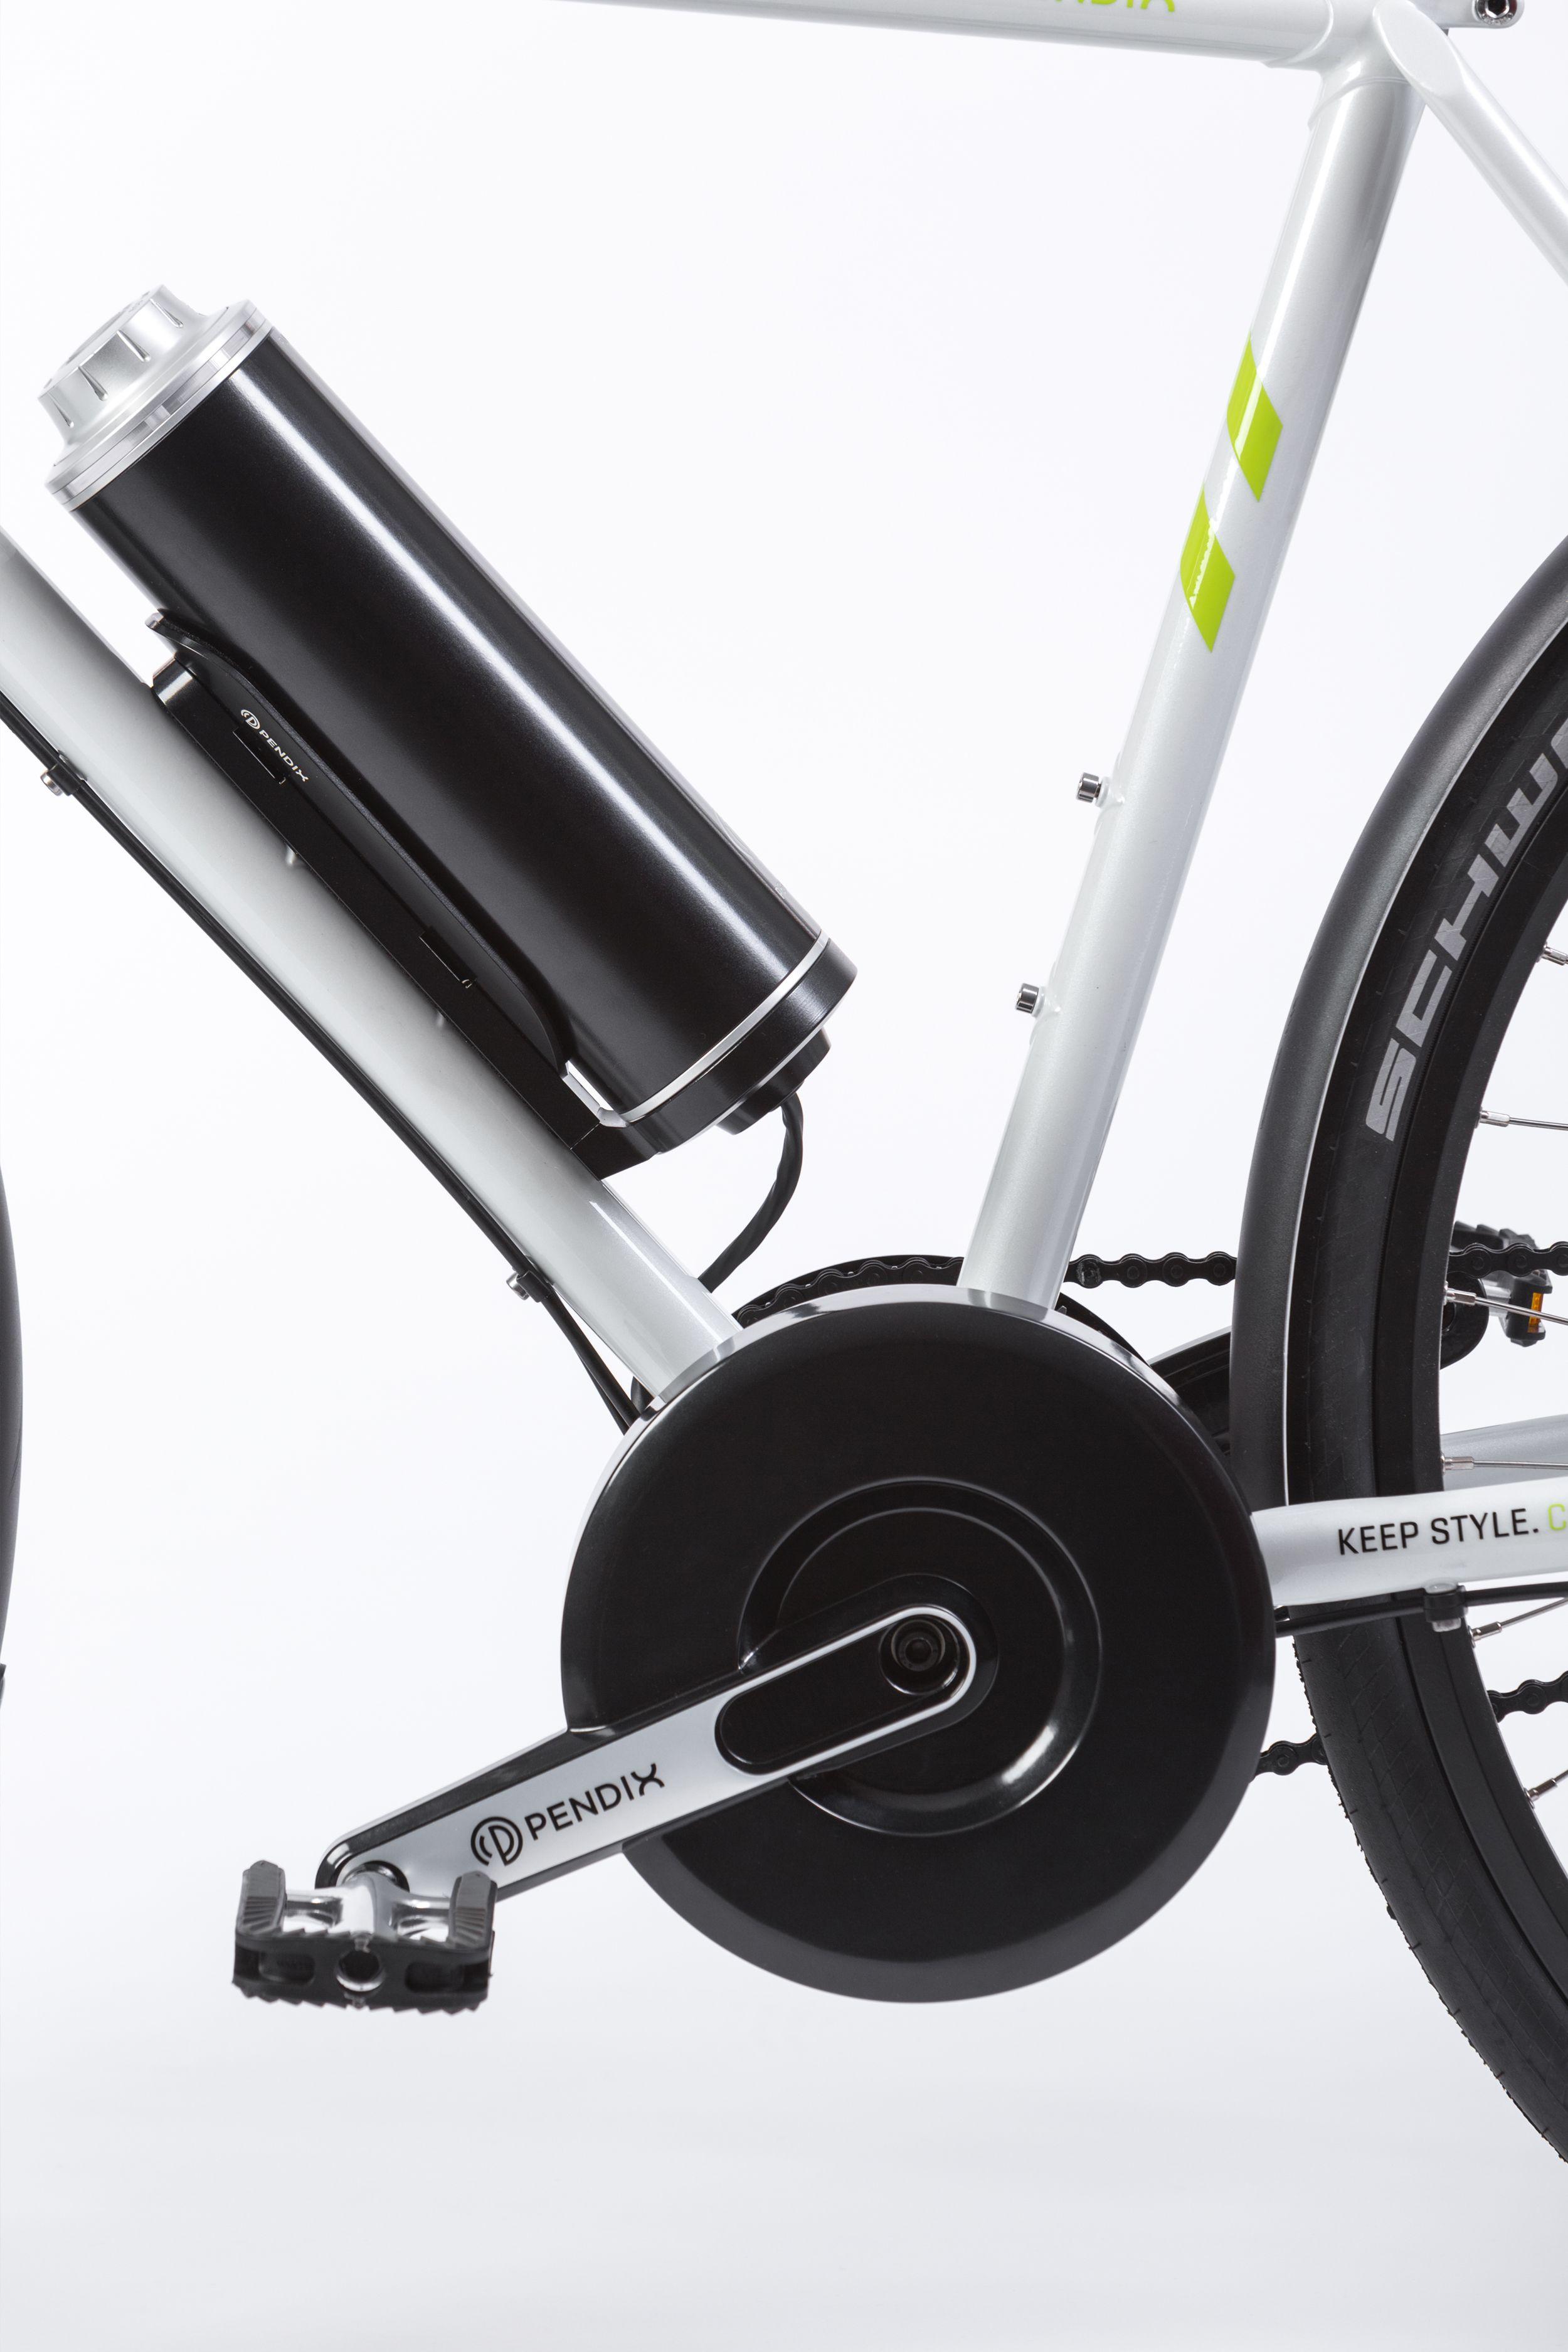 Der Pendix lässt sich an nahezu jeden Fahrradrahmen als ...